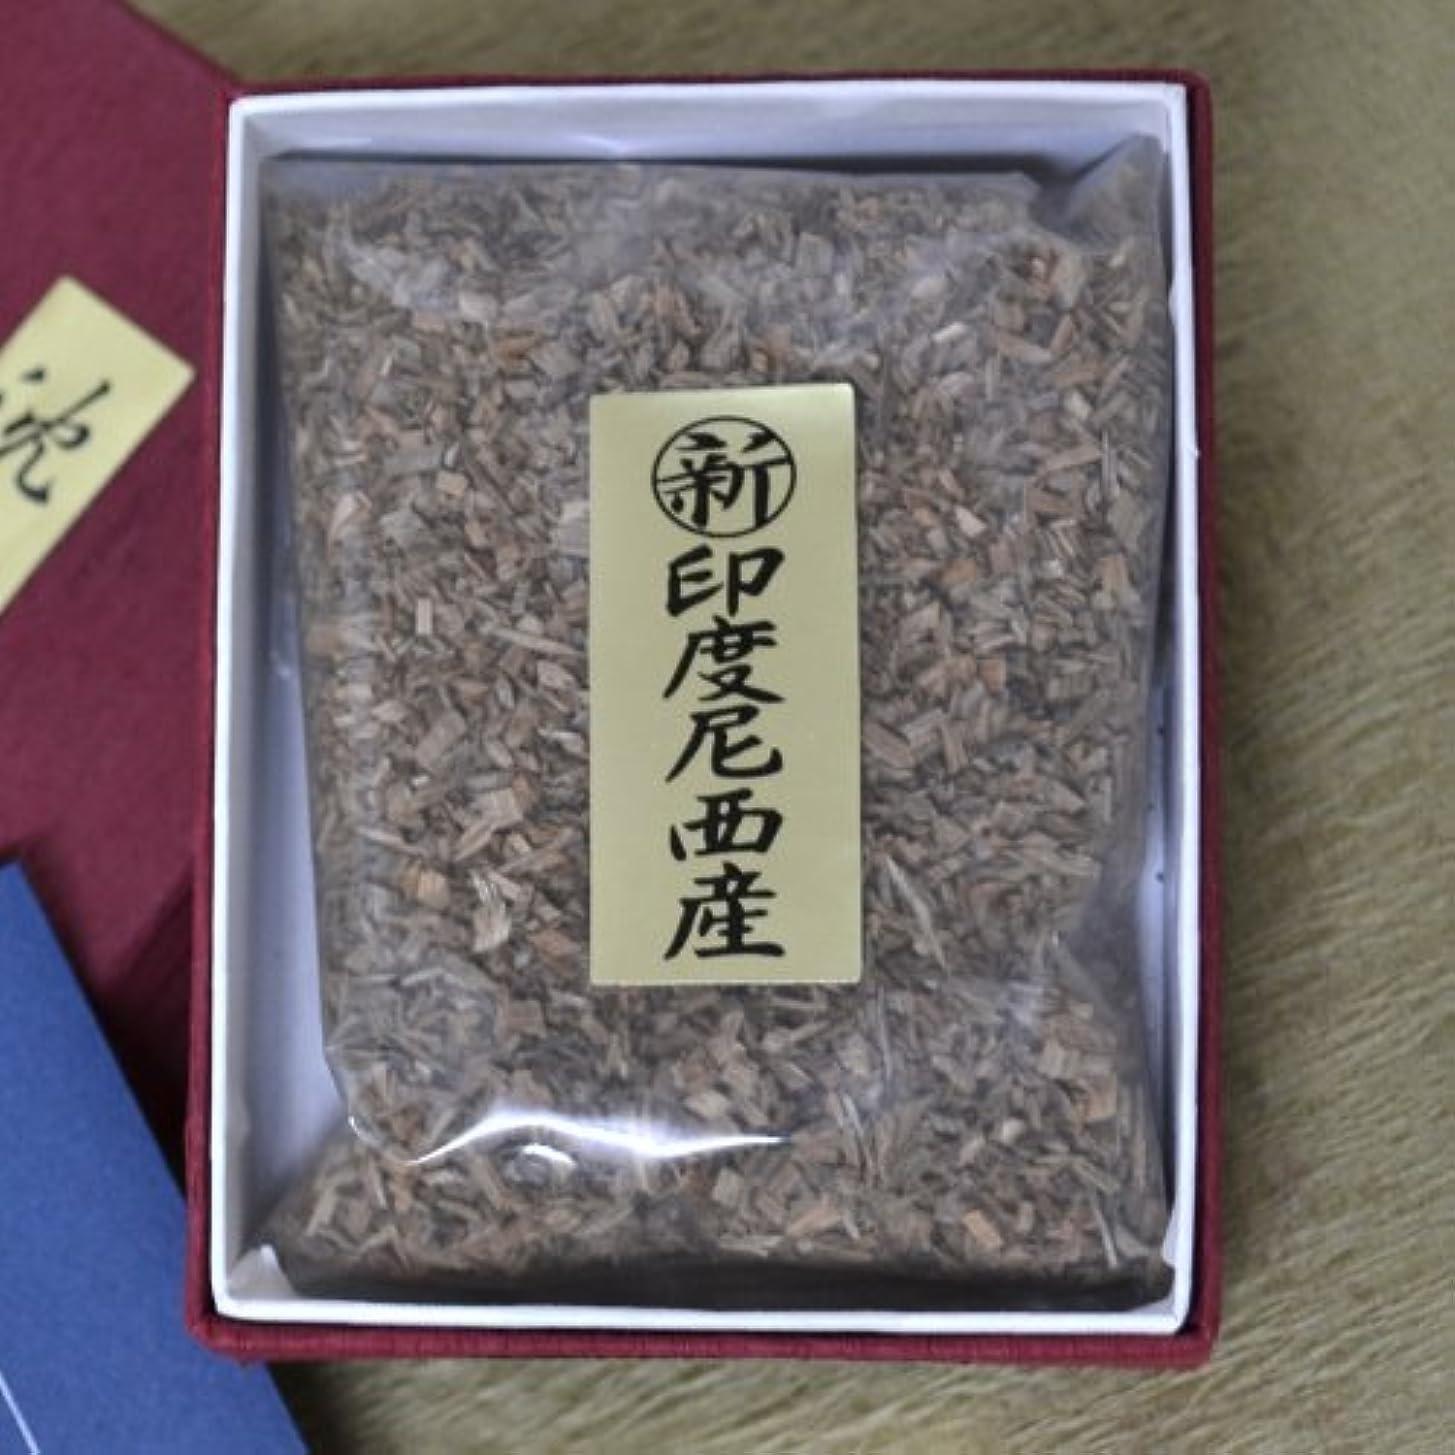 全国海外大陸香木 お焼香 新インドネシア産 沈香 【最高級品】 18g